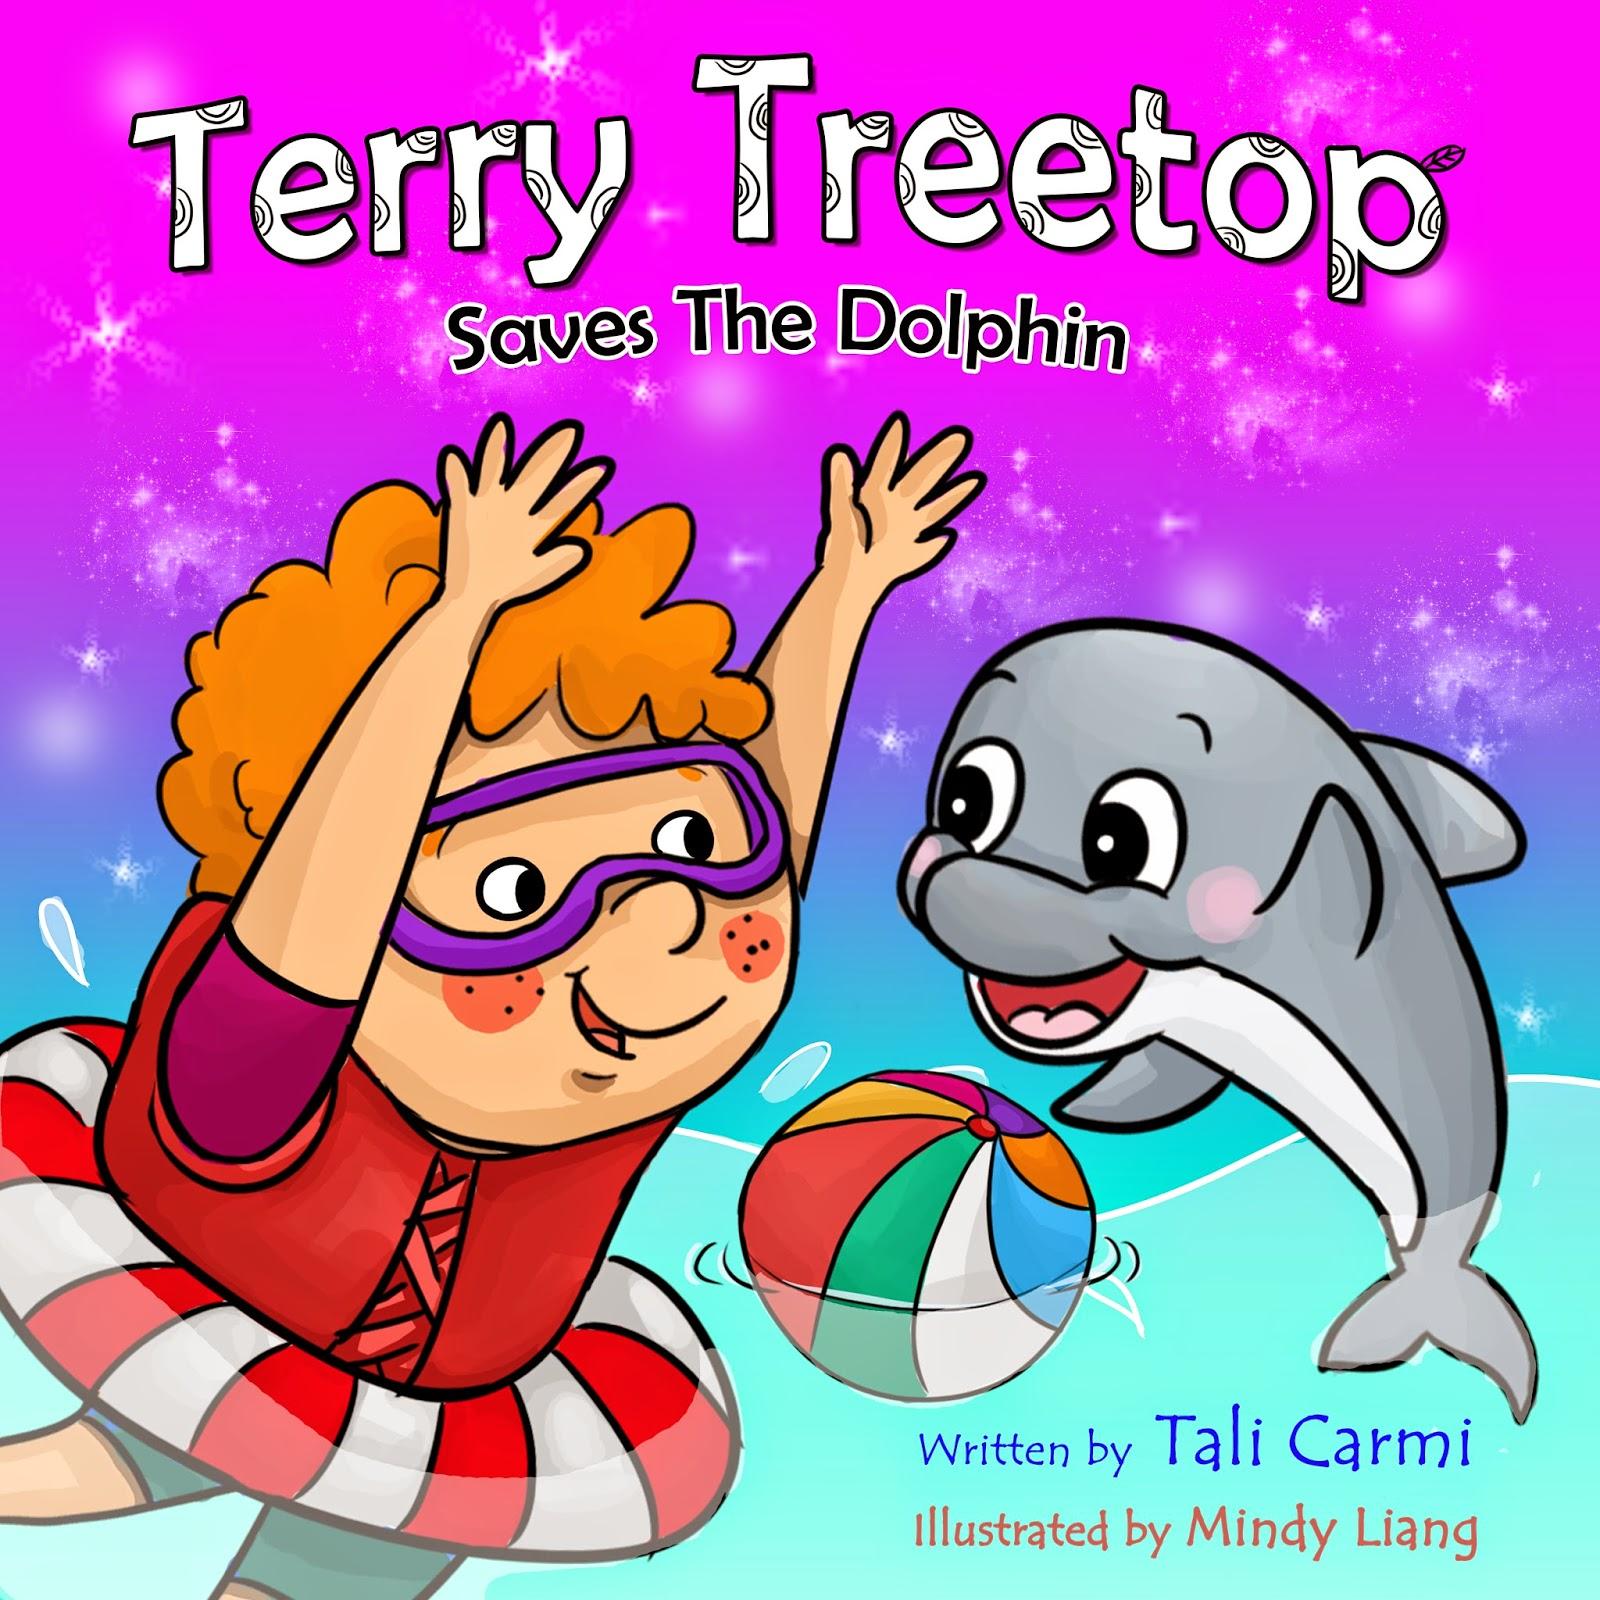 TerryTreetopSavesTheDolphin.jpg